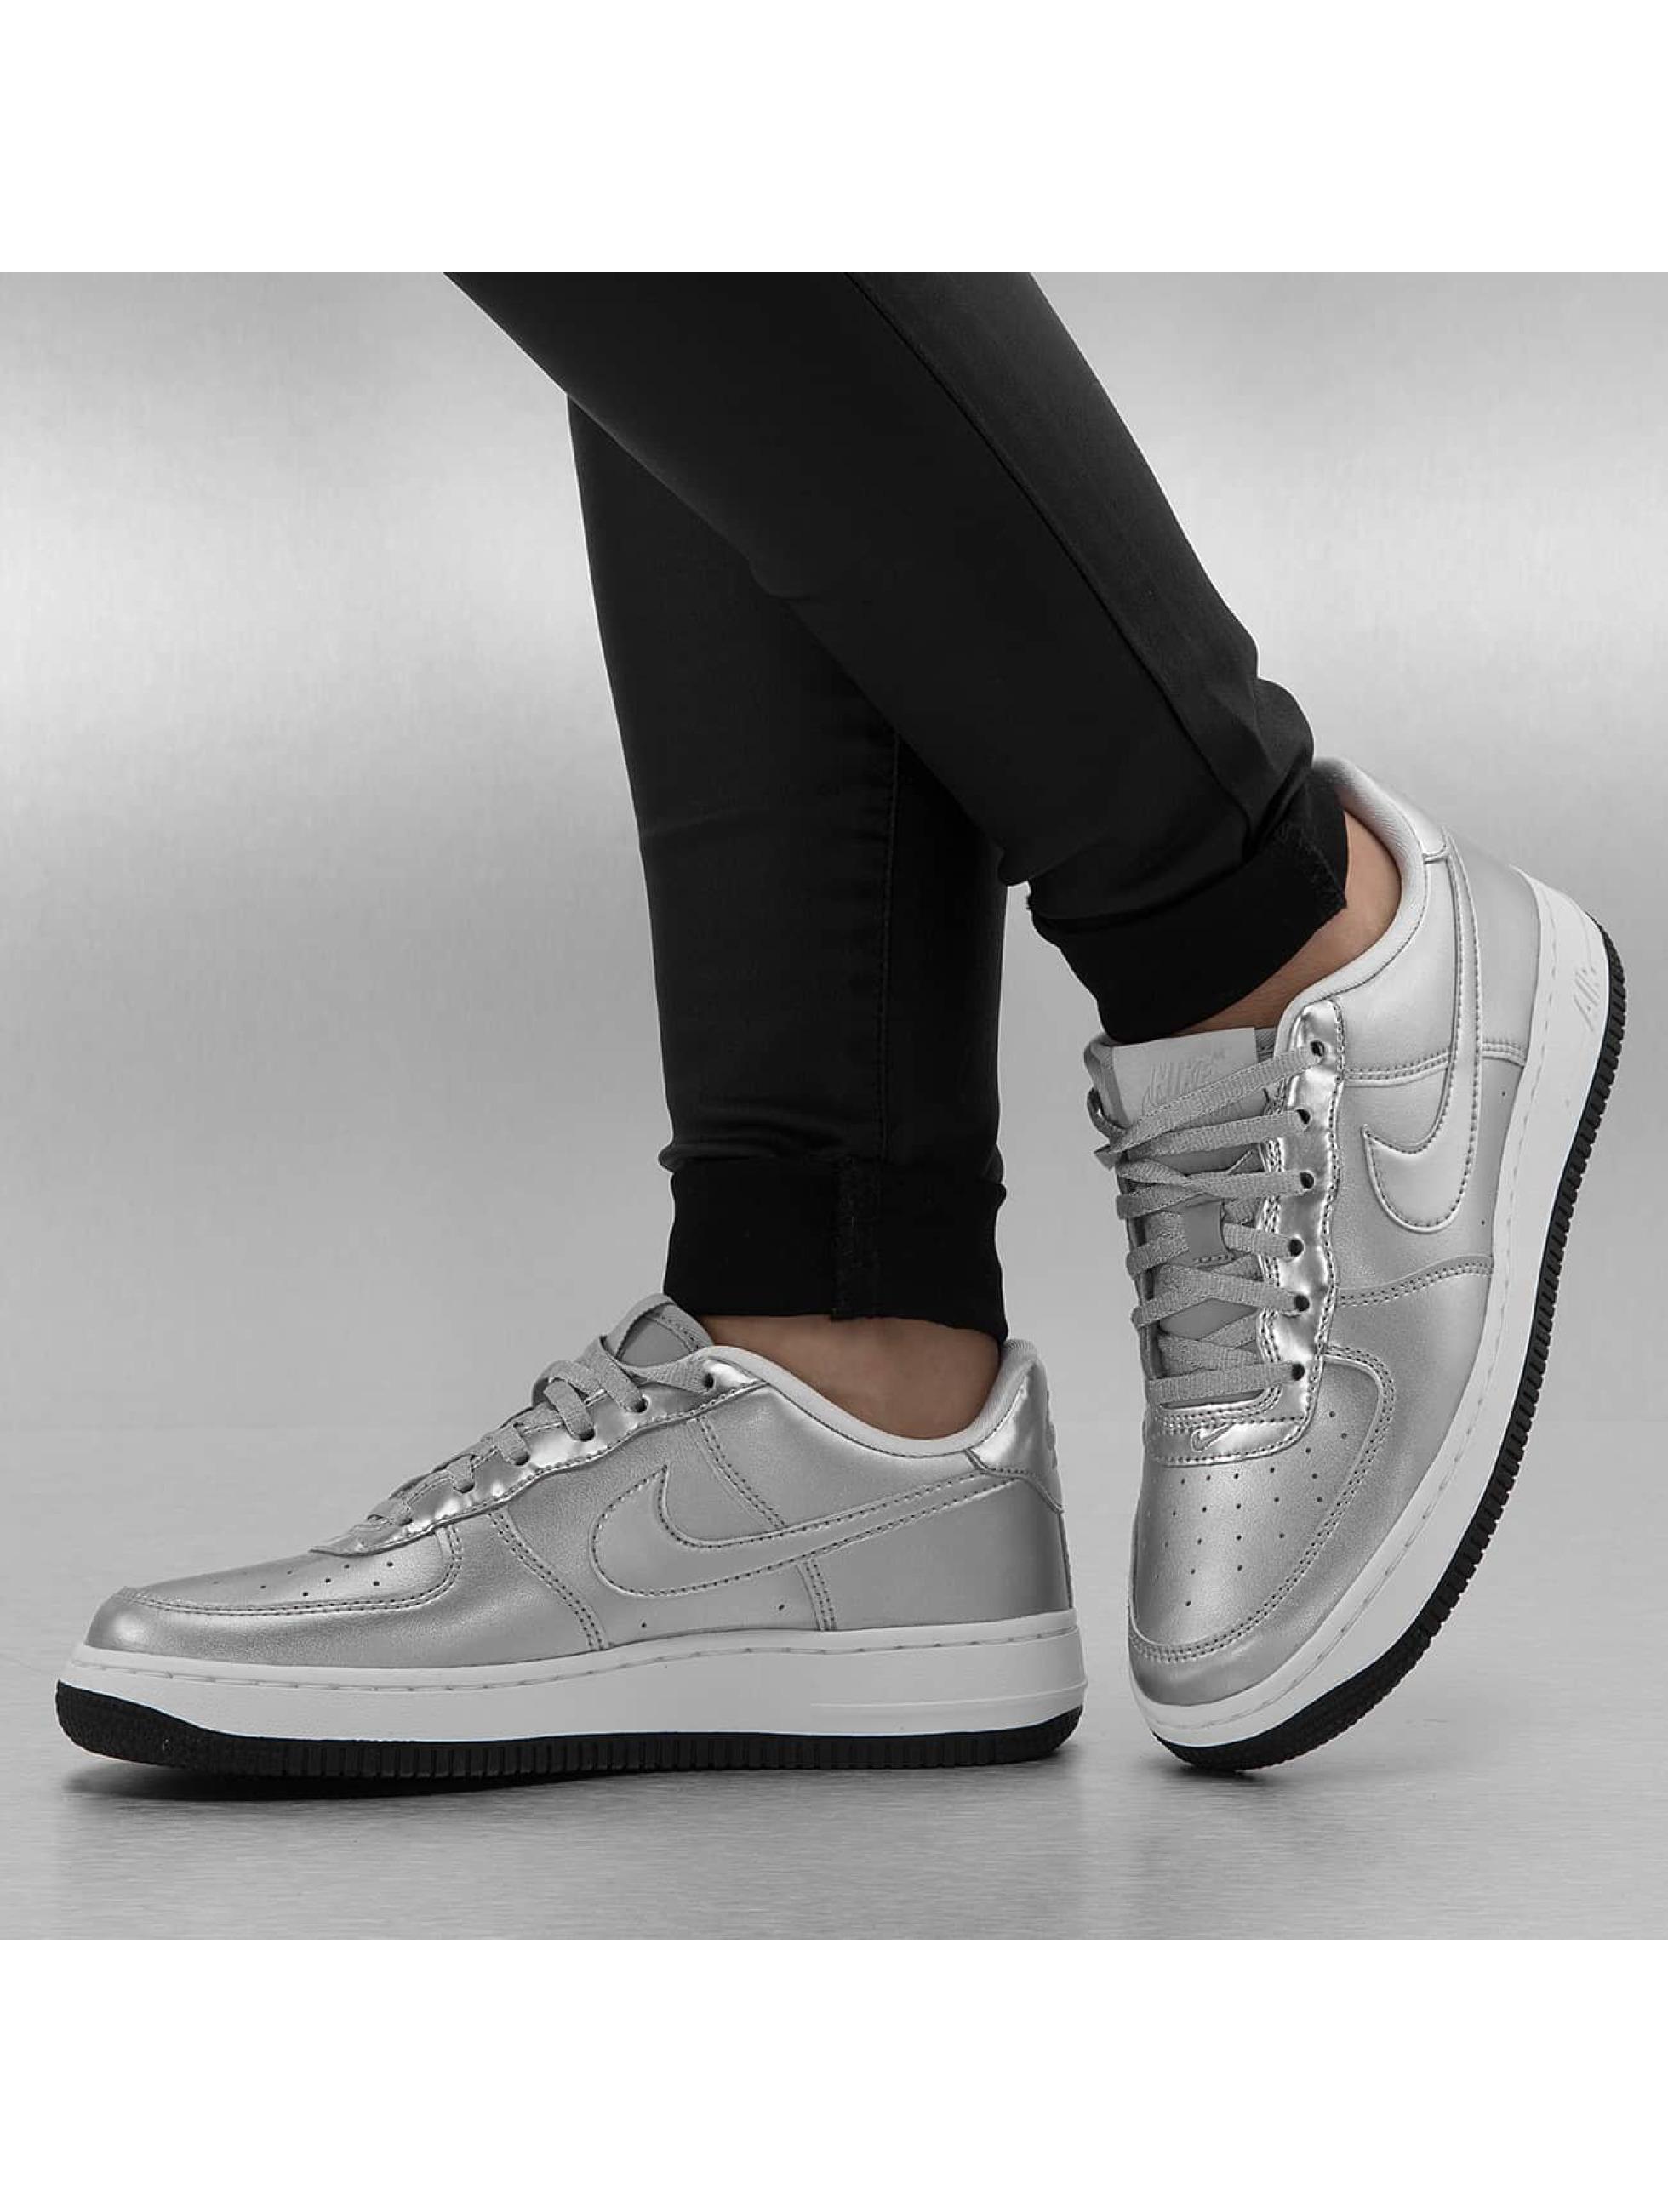 finest selection cc1b1 827fd ... Nike Chaussures  Baskets Air Force 1 SE (GS) en argent